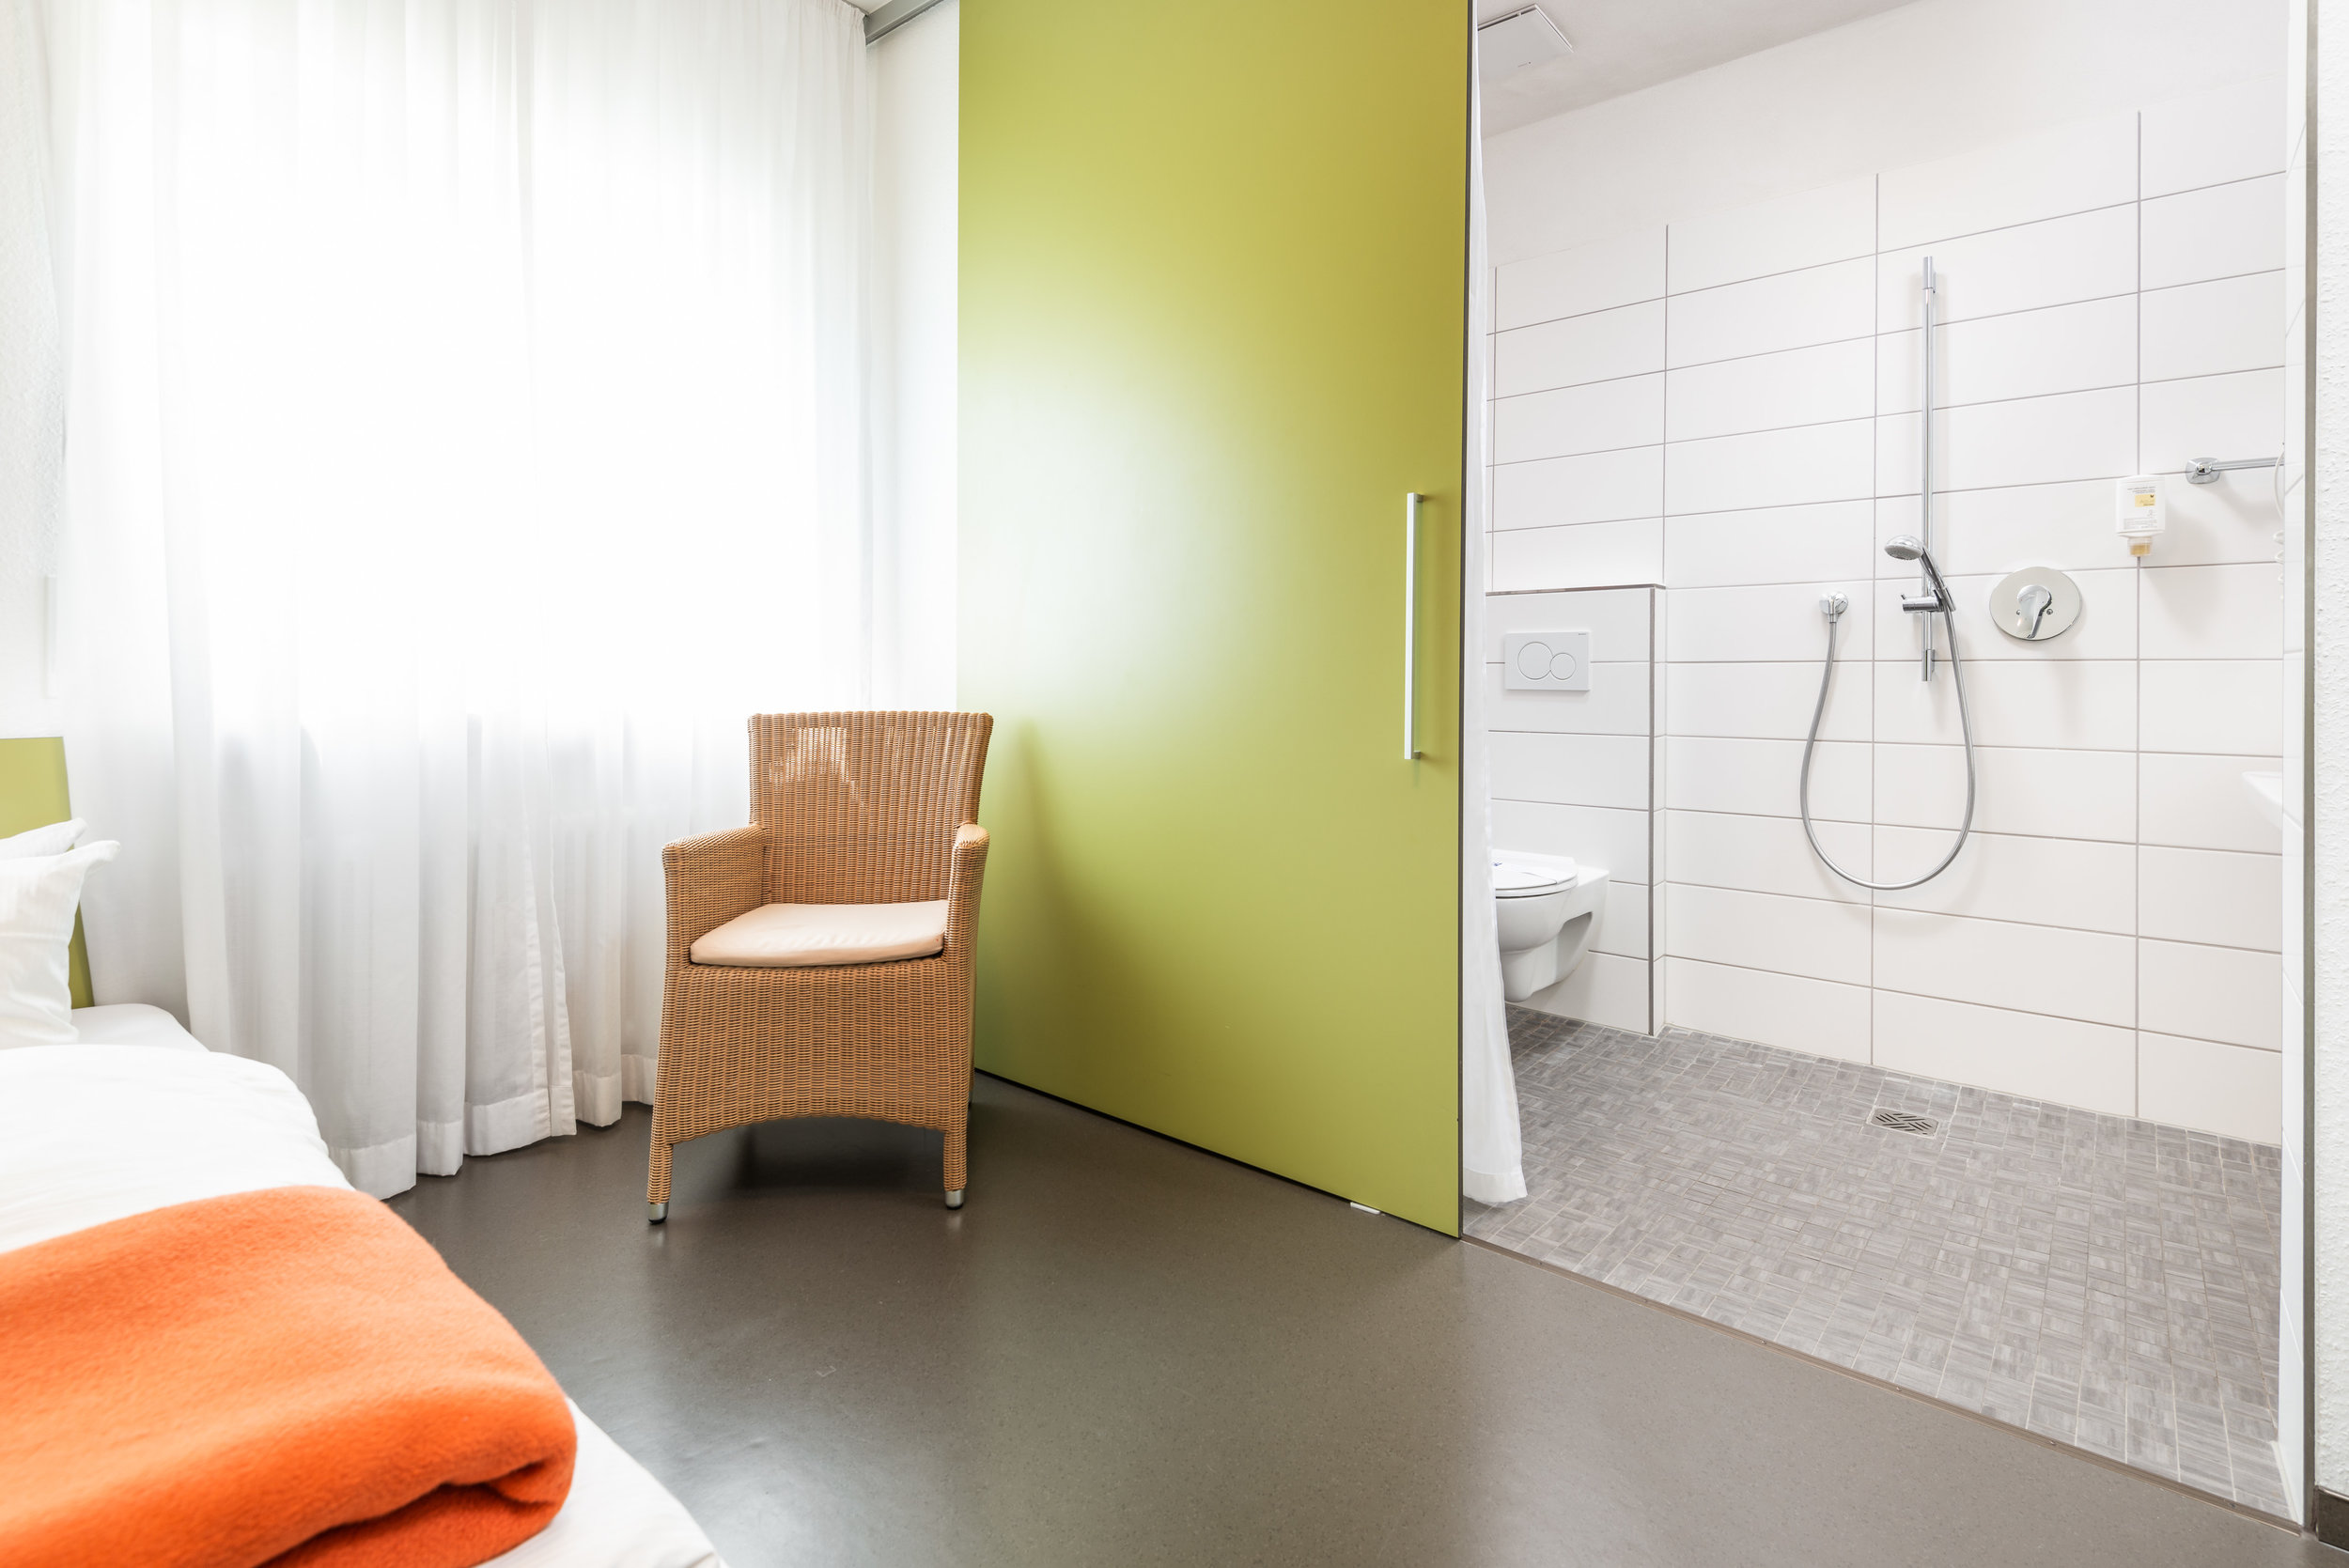 Hotel Bischofslinde - 180417 - 0644-Edit.jpg